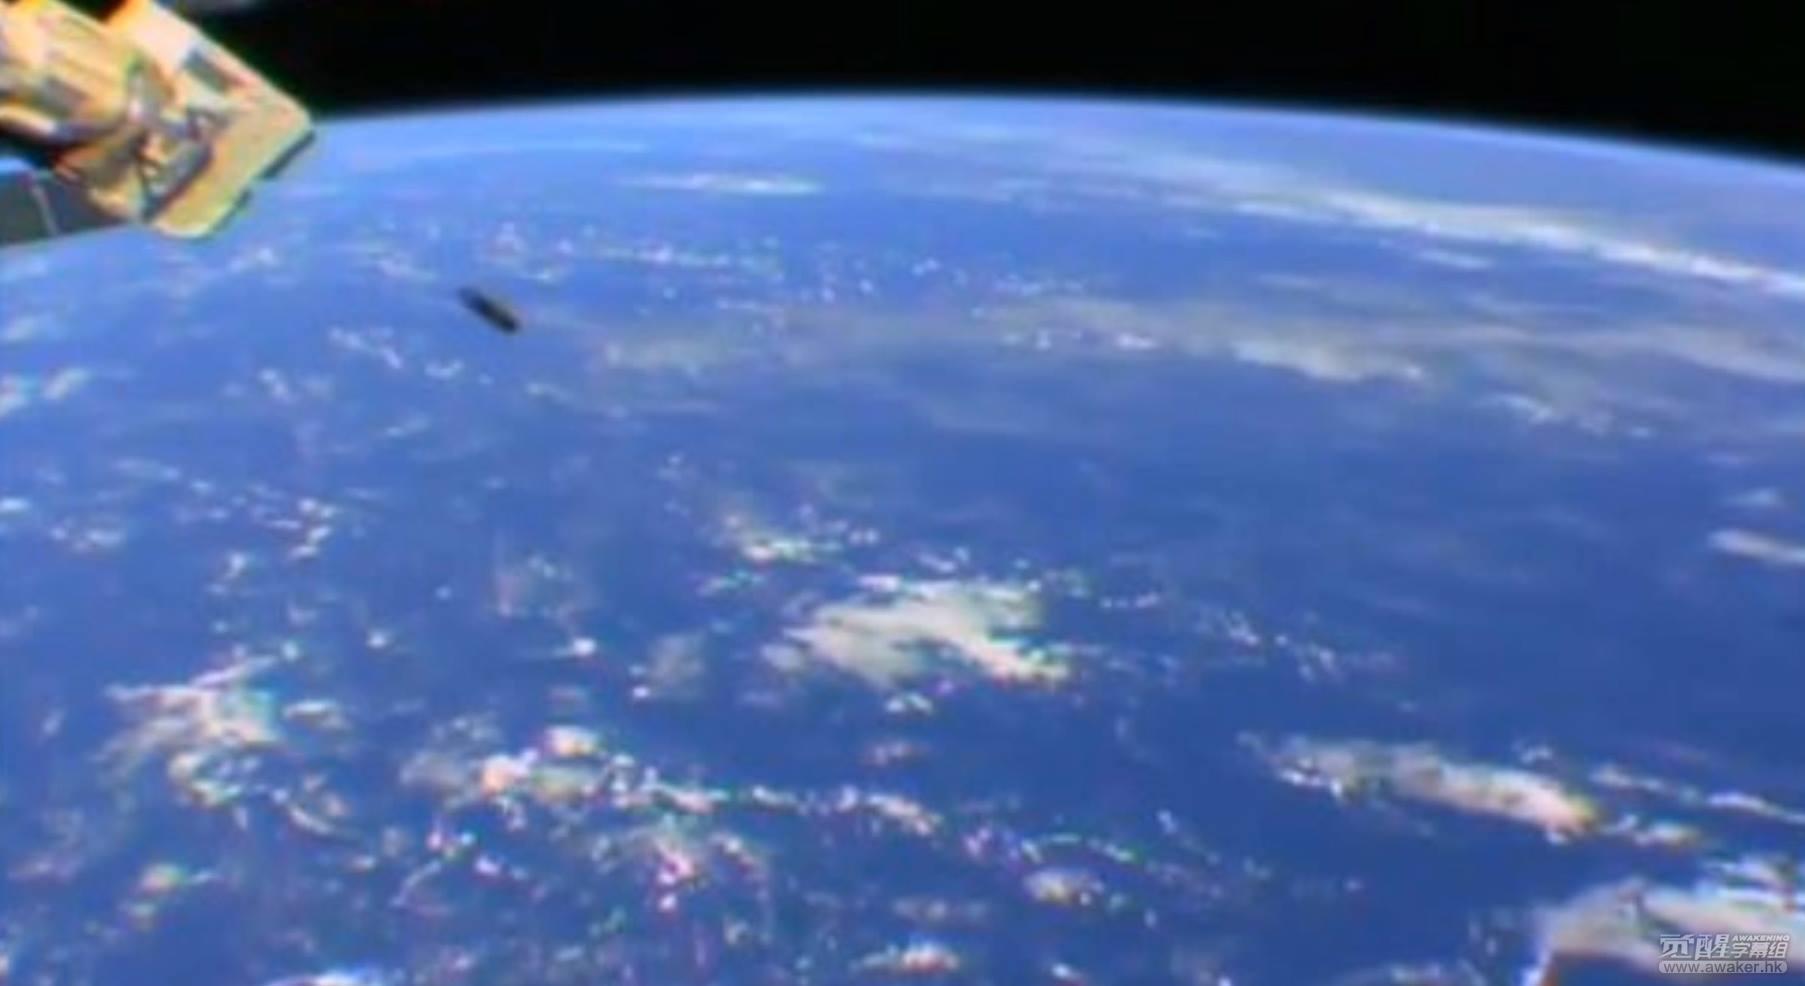 NASA直播中突然紧急暂停竟然是因为出现了不明飞行物